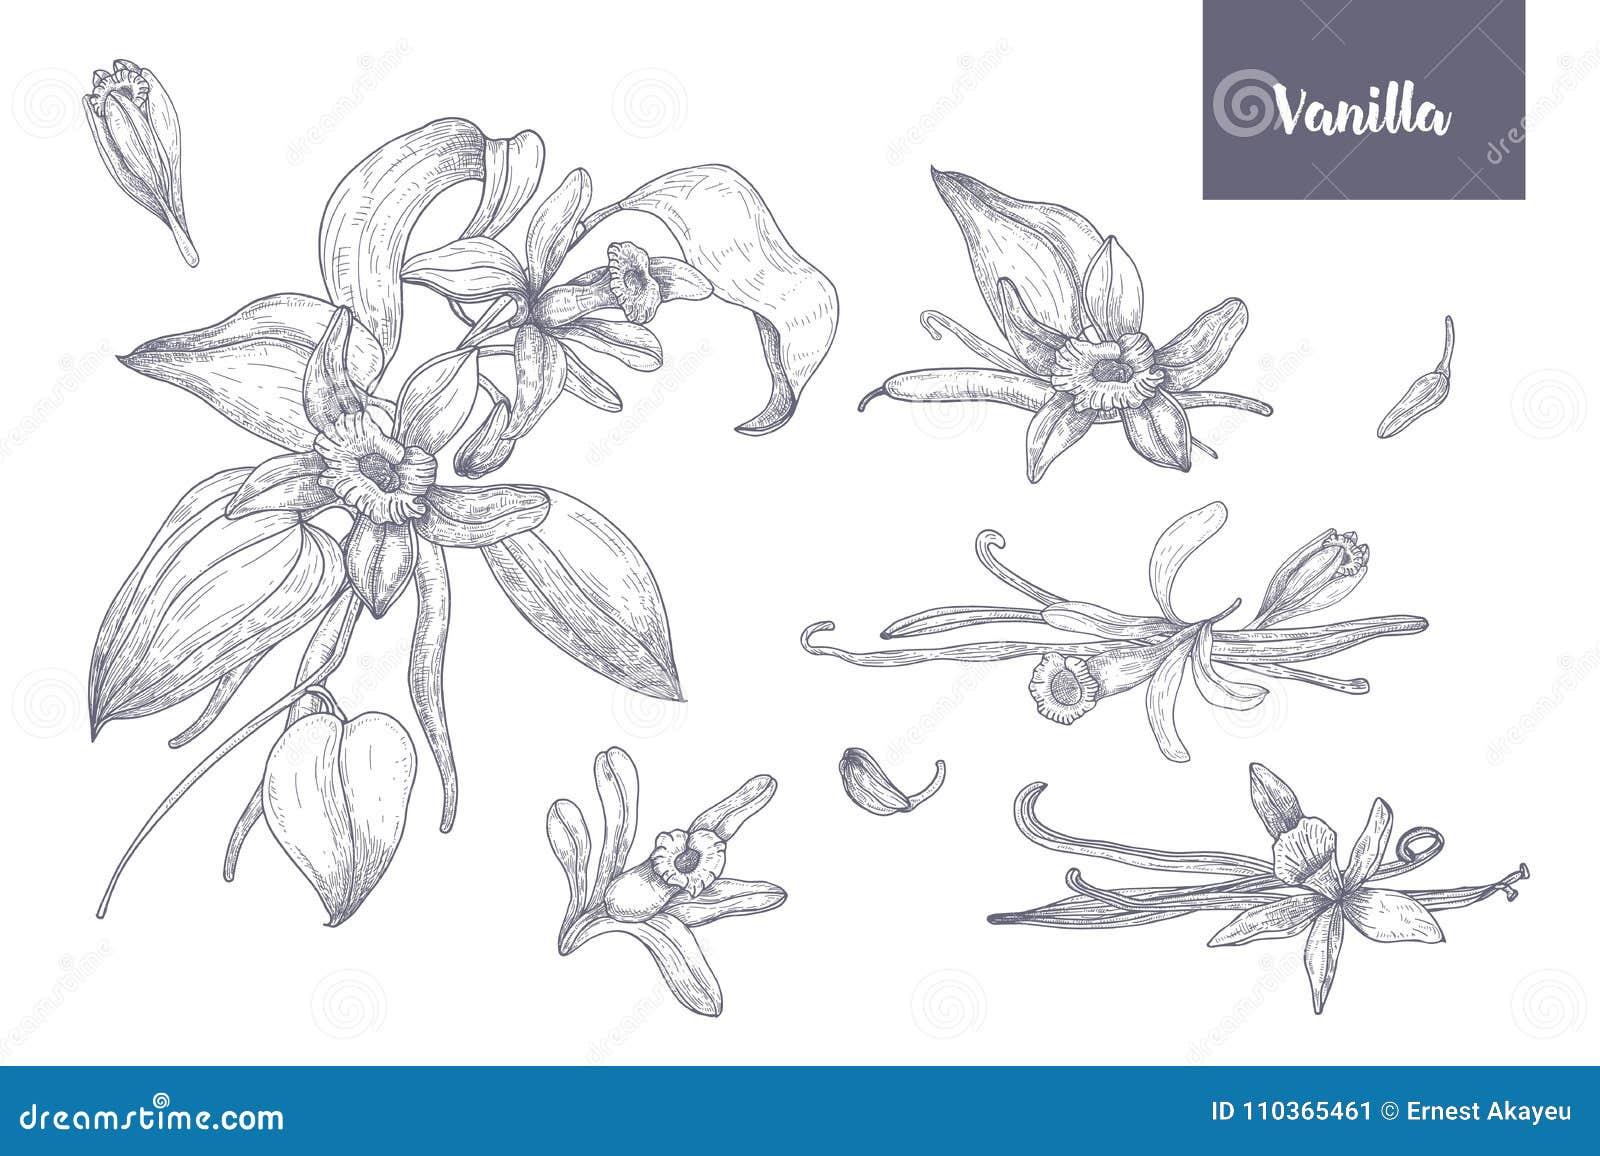 Paquete De Dibujos Naturales De Las Plantas De La Vainilla